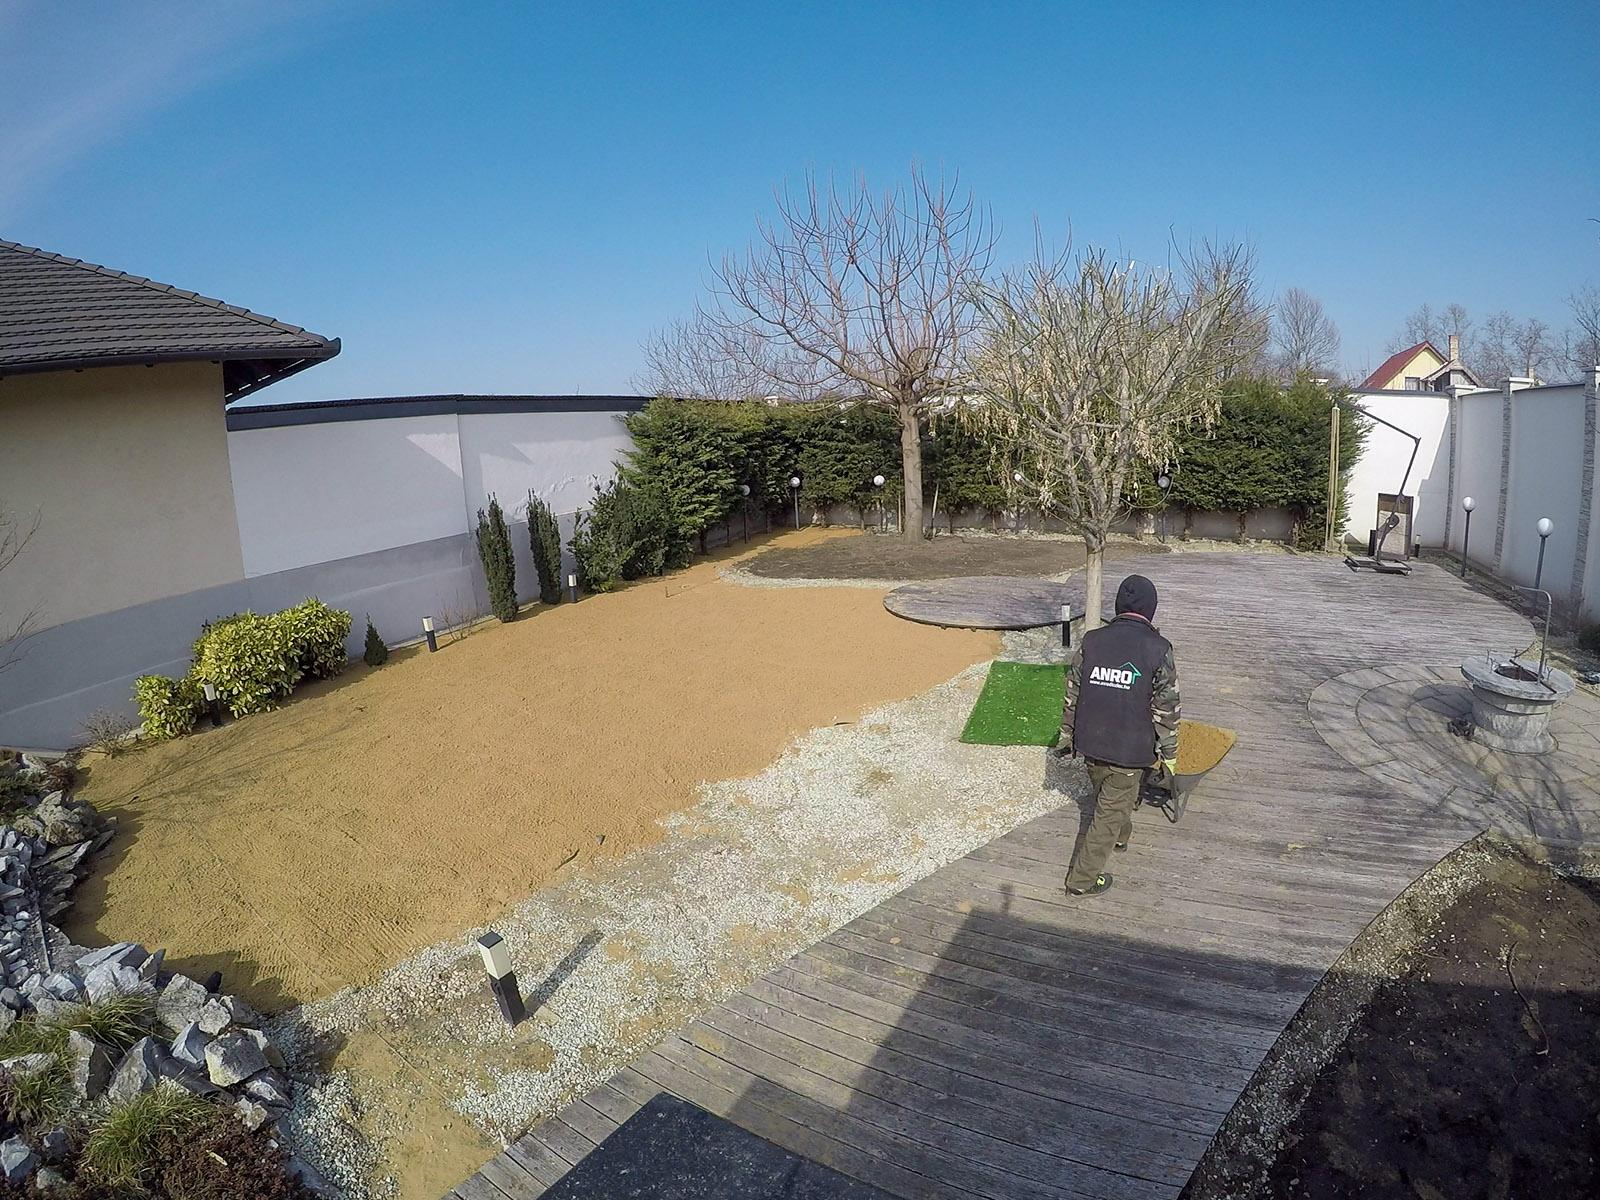 Első lépésben a füvesítésre kijelölt területen homokból tömörített alapot készítettünk.